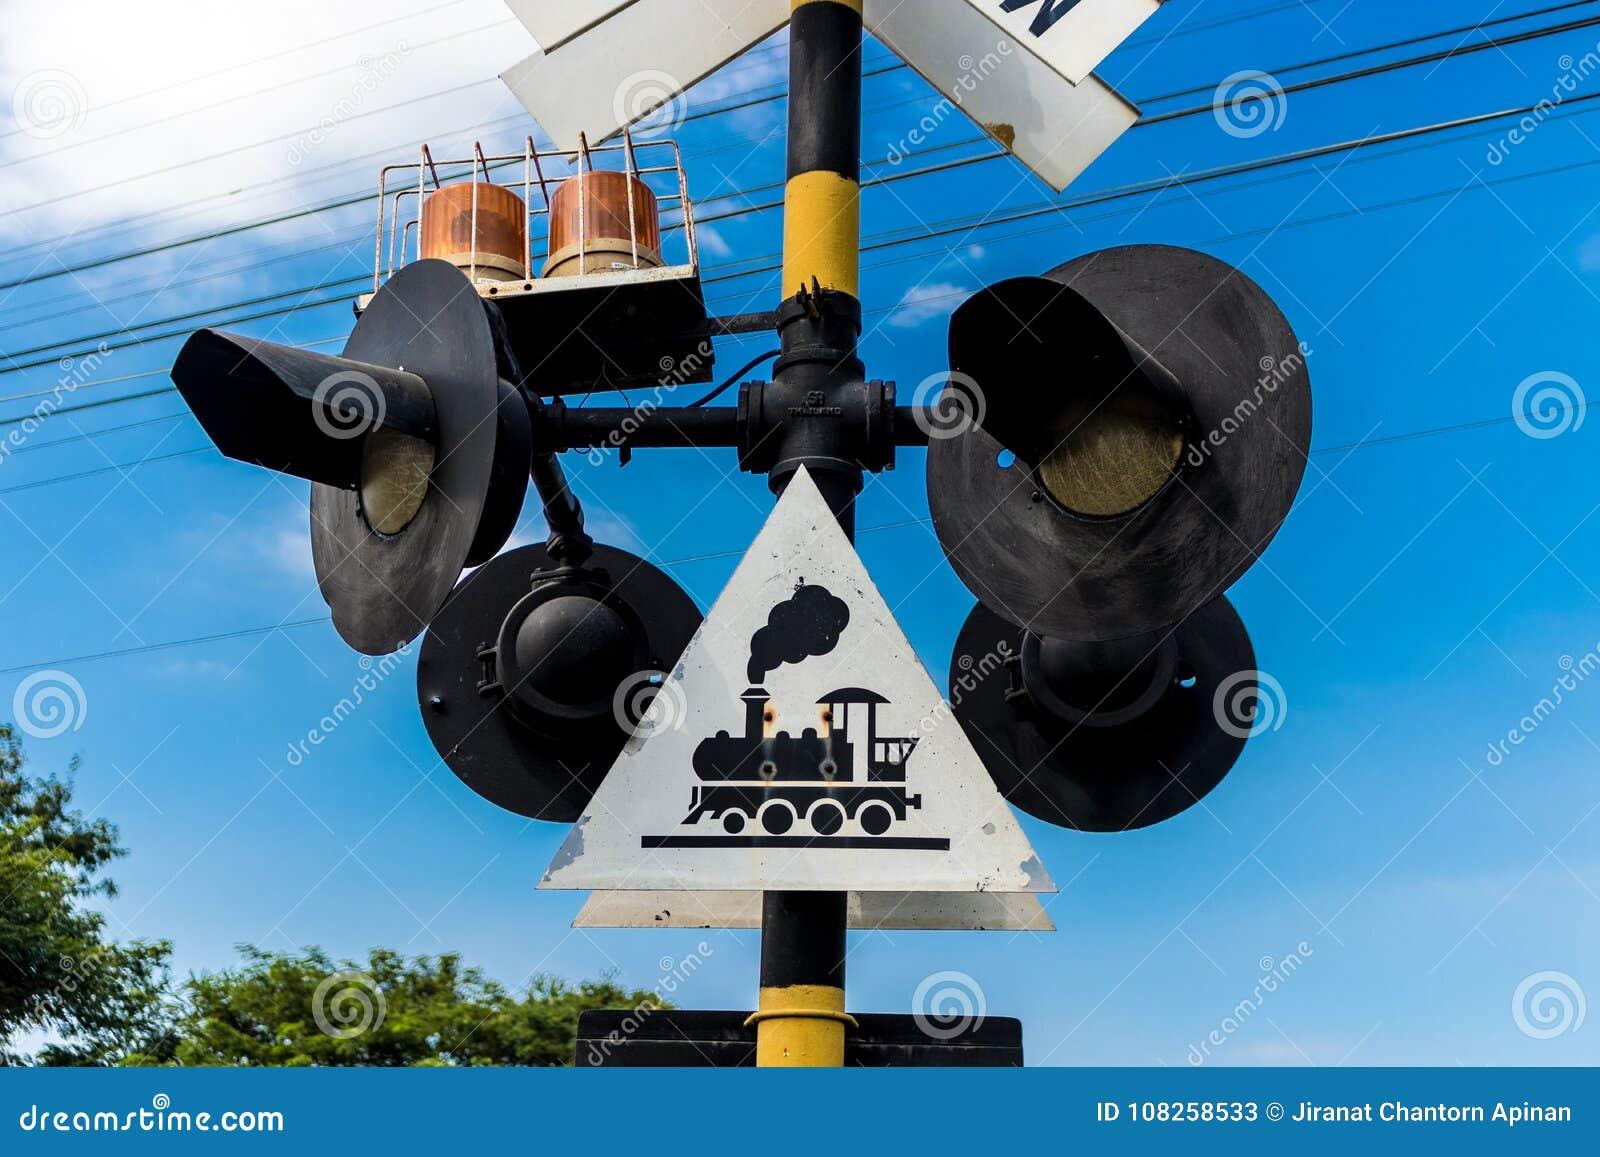 Postes con símbolo a tener cuidado para el tren